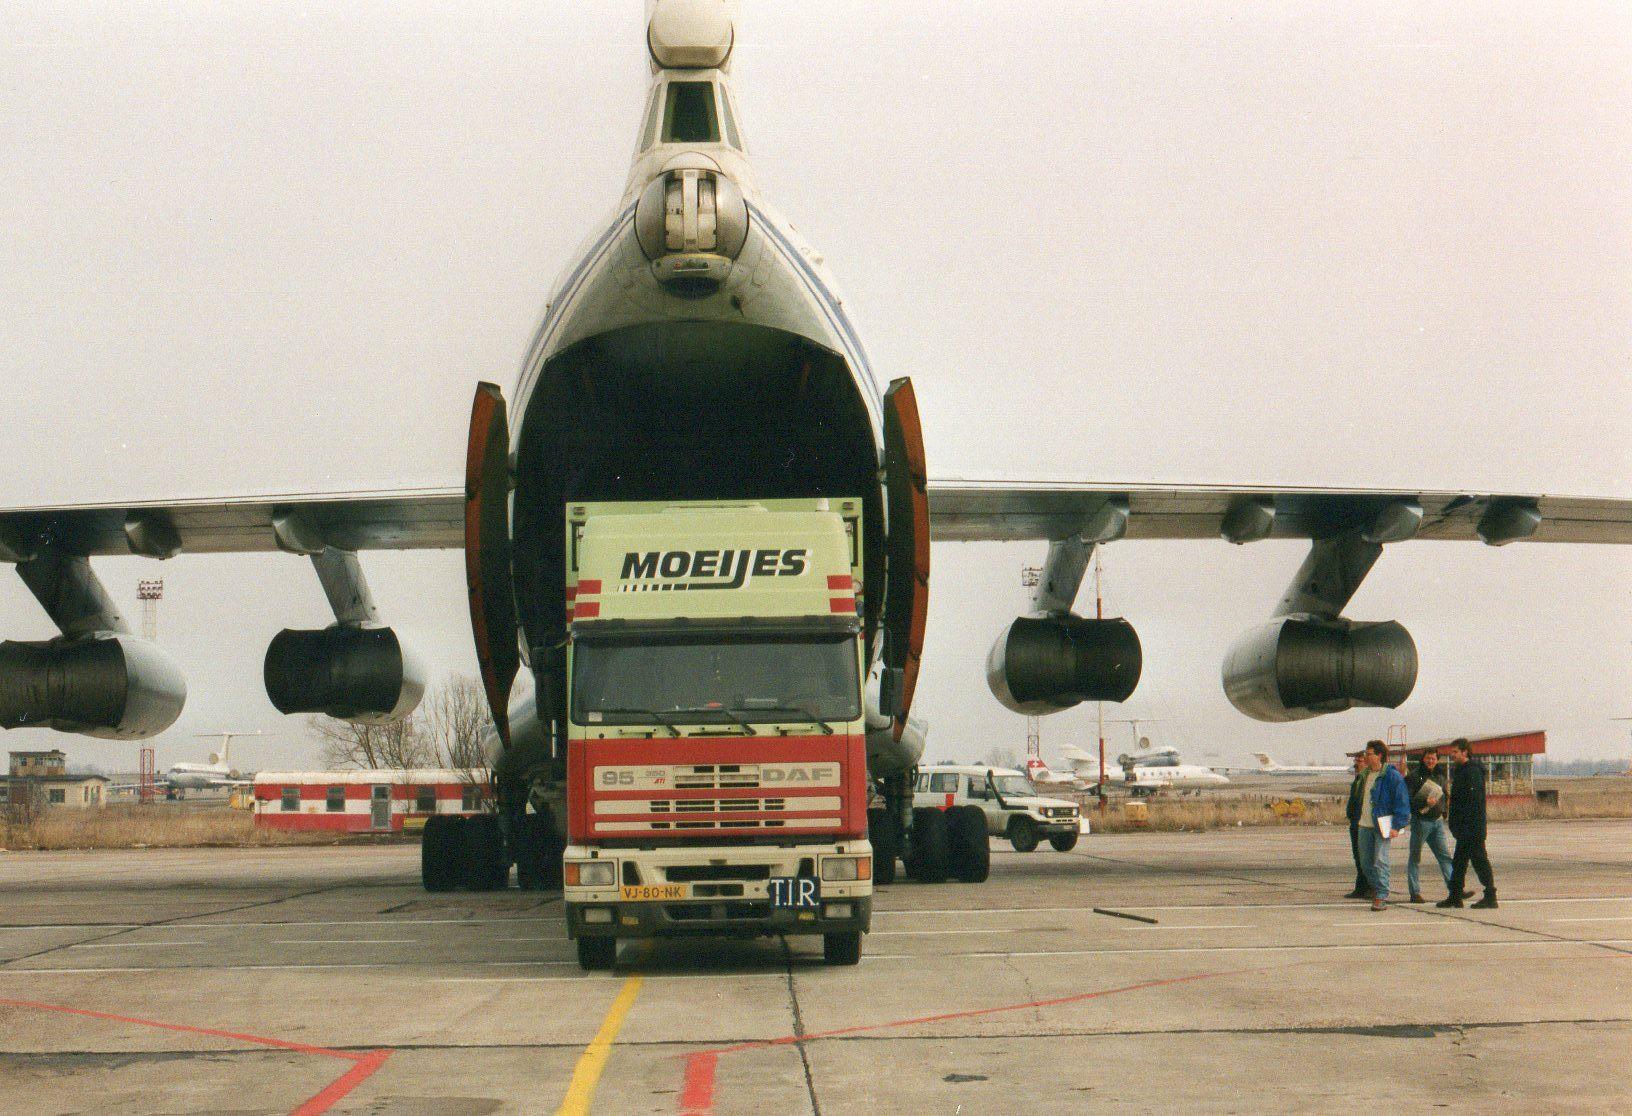 1993-Transporten-medicijnen-voor-het-Rode-Kruis-met-bestemming-Armenie.-Rijden-naar-Armenie-was-toen-te-gevaarlijk-in-Kiev-werd-het-overgeladen-3